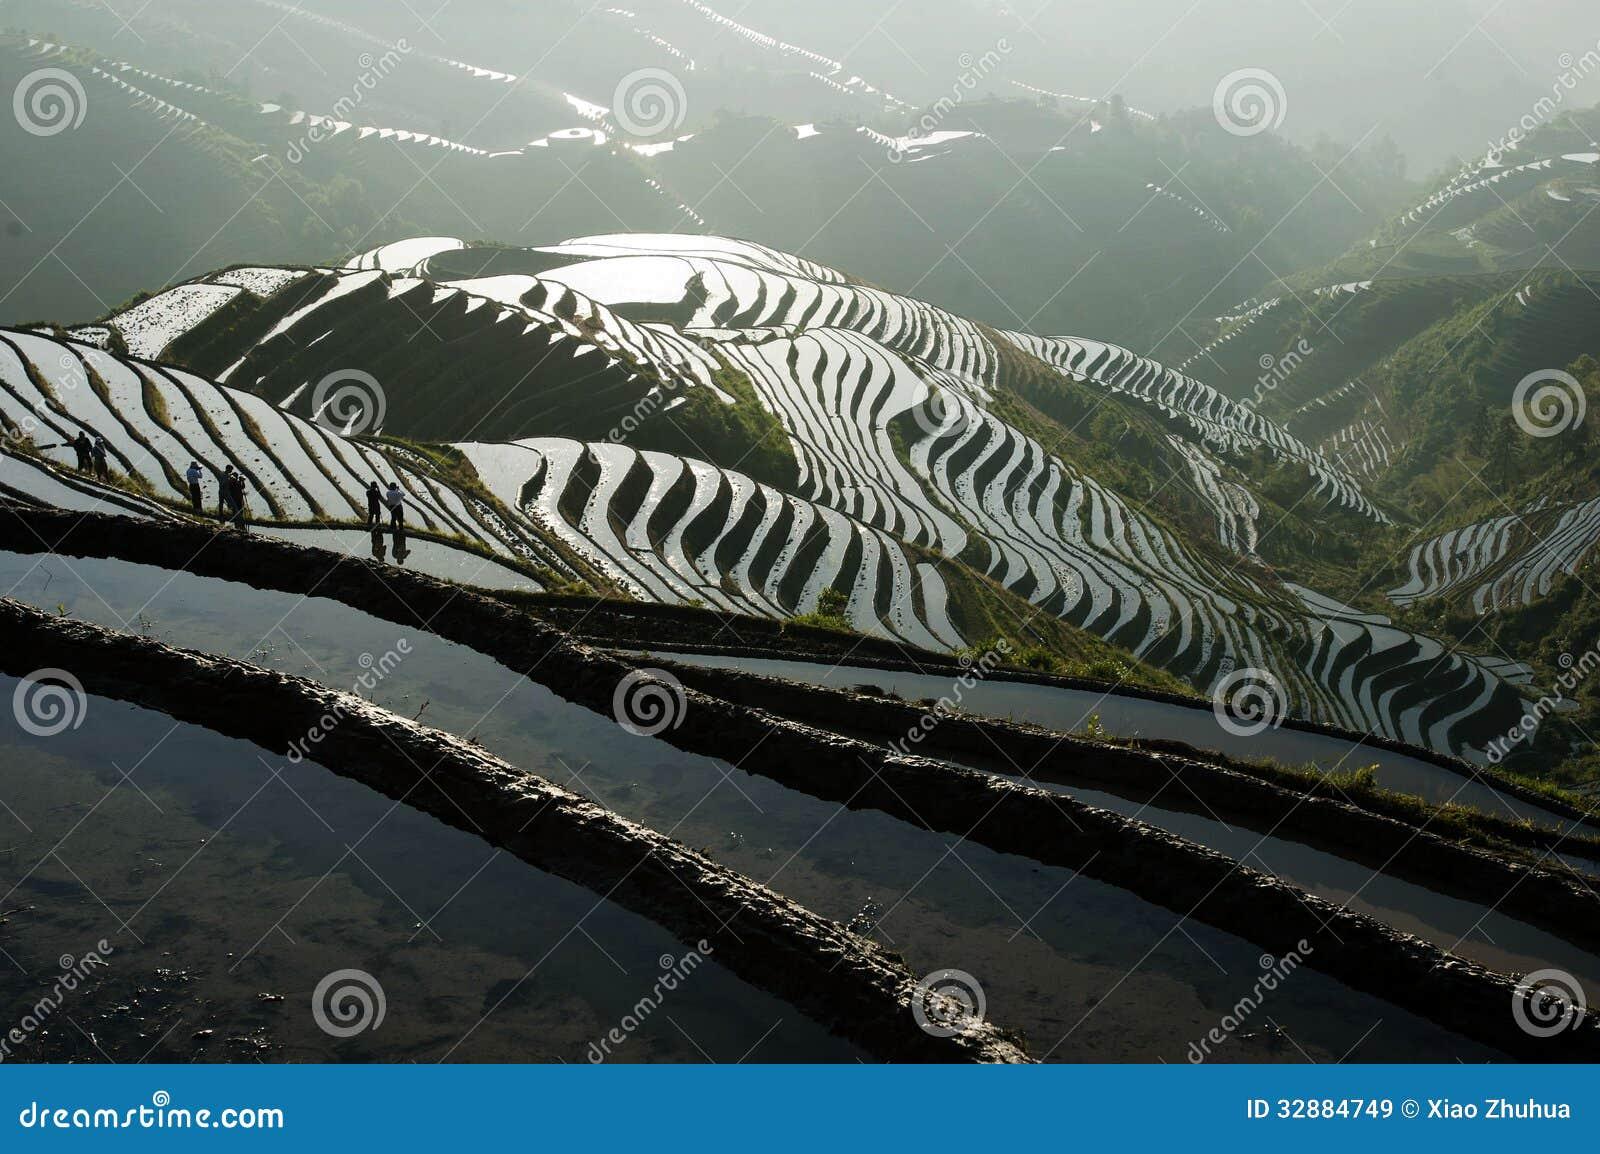 De terrassen van de de backbonerijst van de draak royalty vrije stock afbeeldingen beeld 32884749 - Afbeeldingen van terrassen verwachten ...